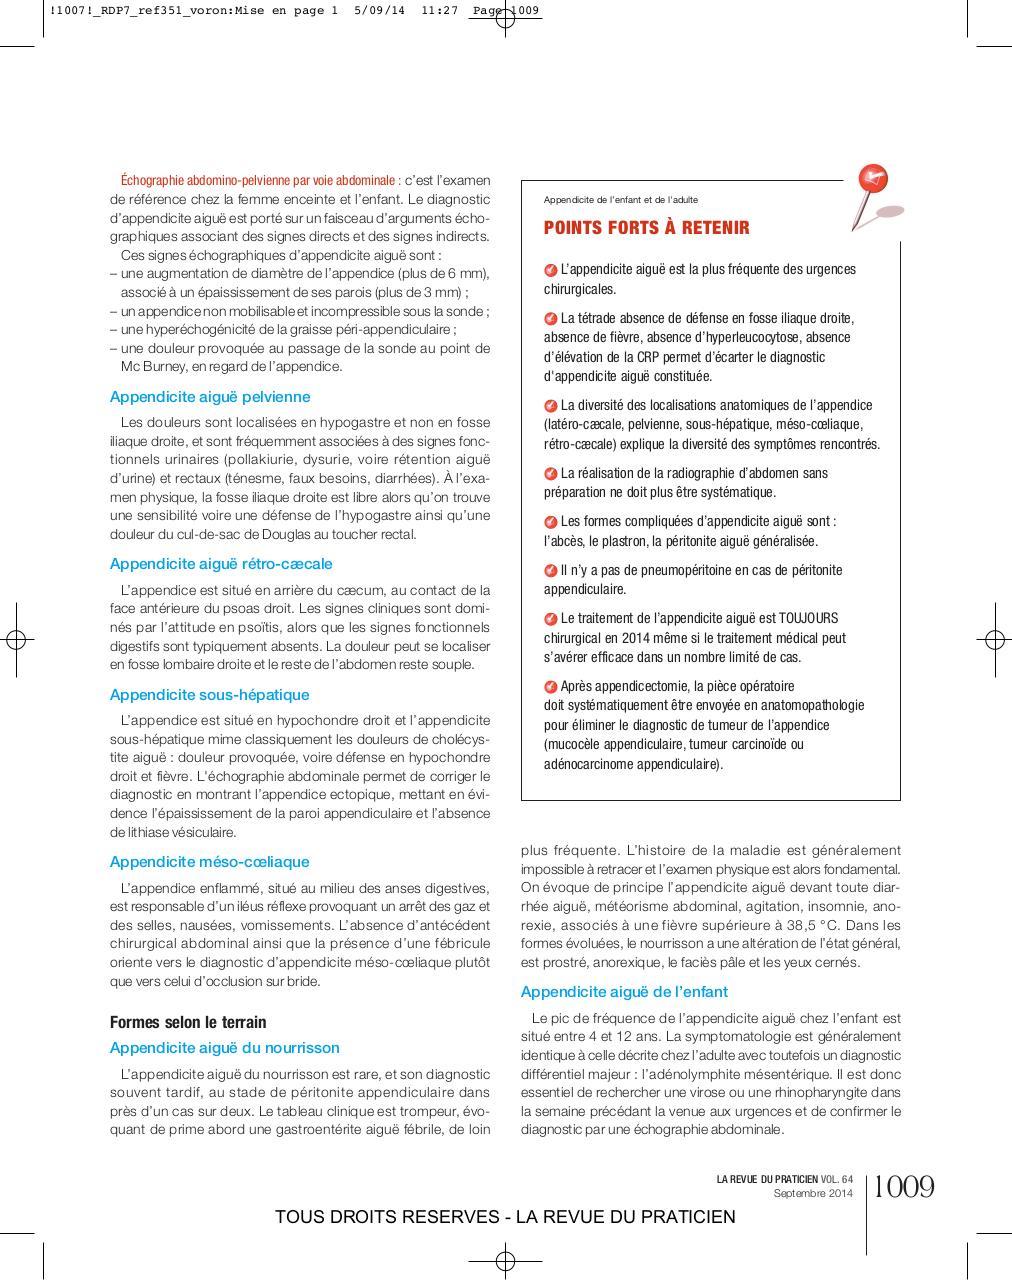 1007! RDP7 ref351 voron:Mise en page 1 par ccampos ...